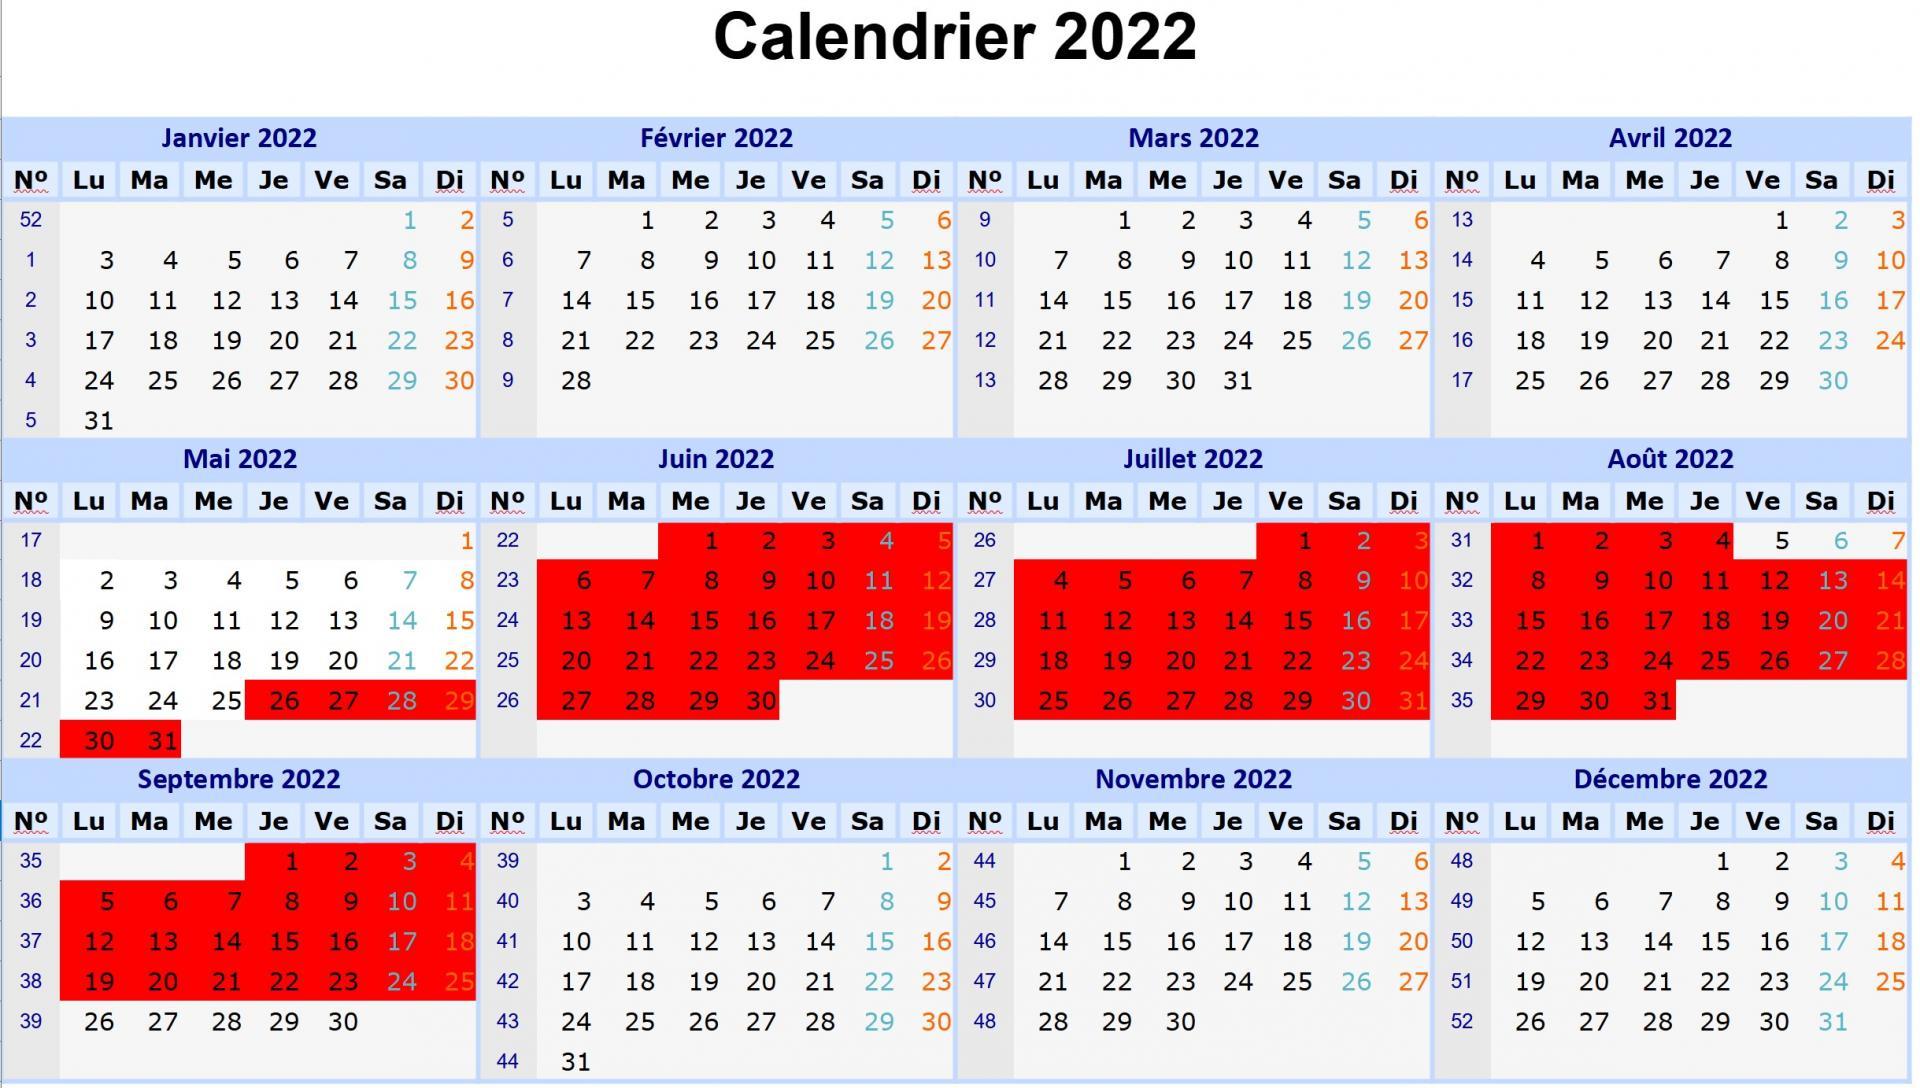 Calendrier 2022 v8